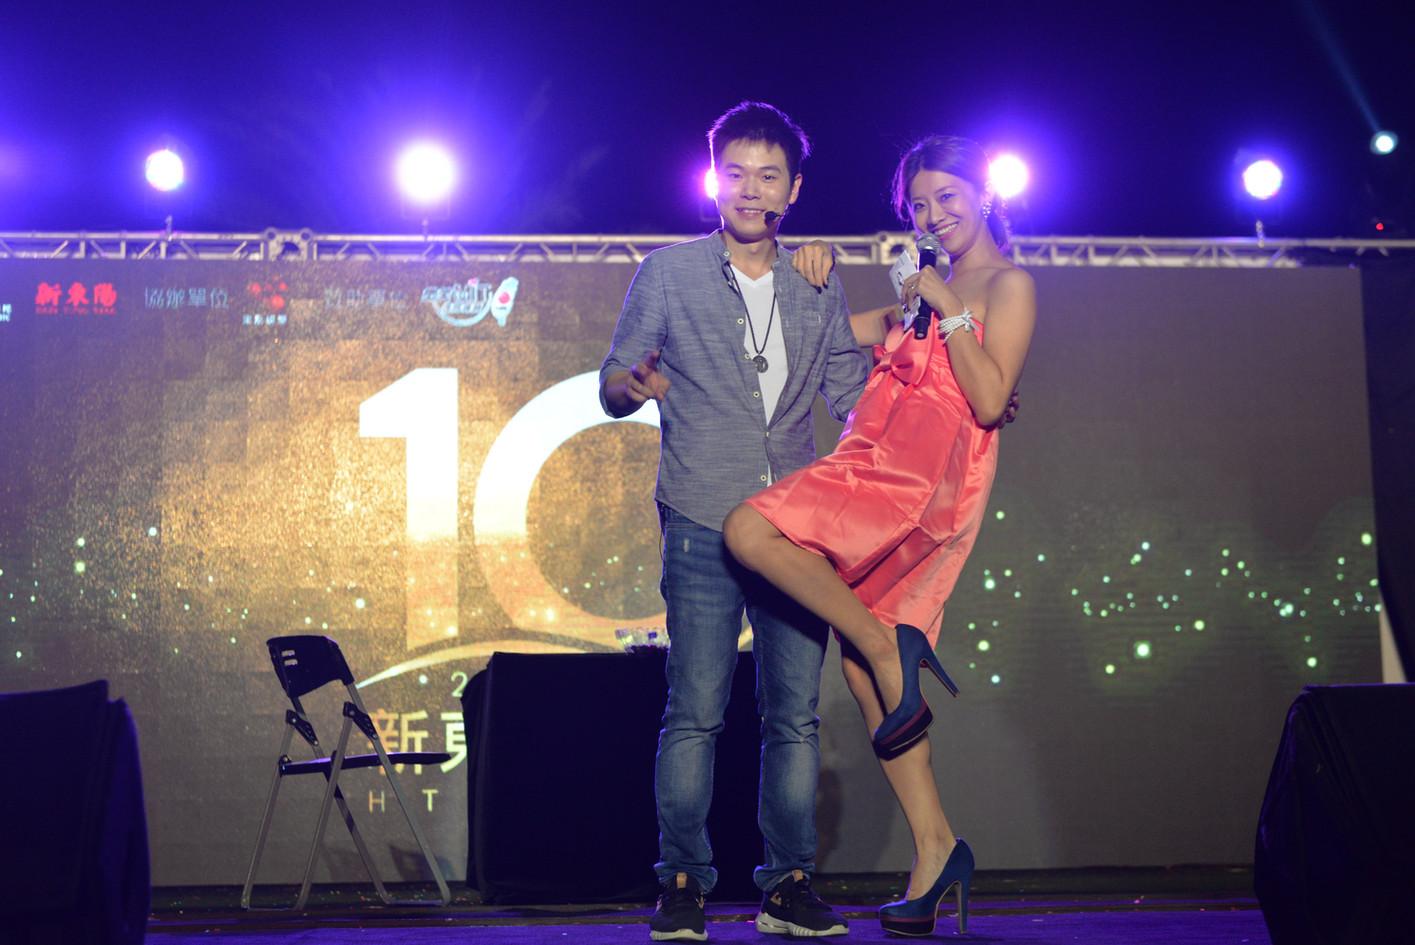 第十屆國際魔術大賽 FSIM 冠軍 Eric Chien